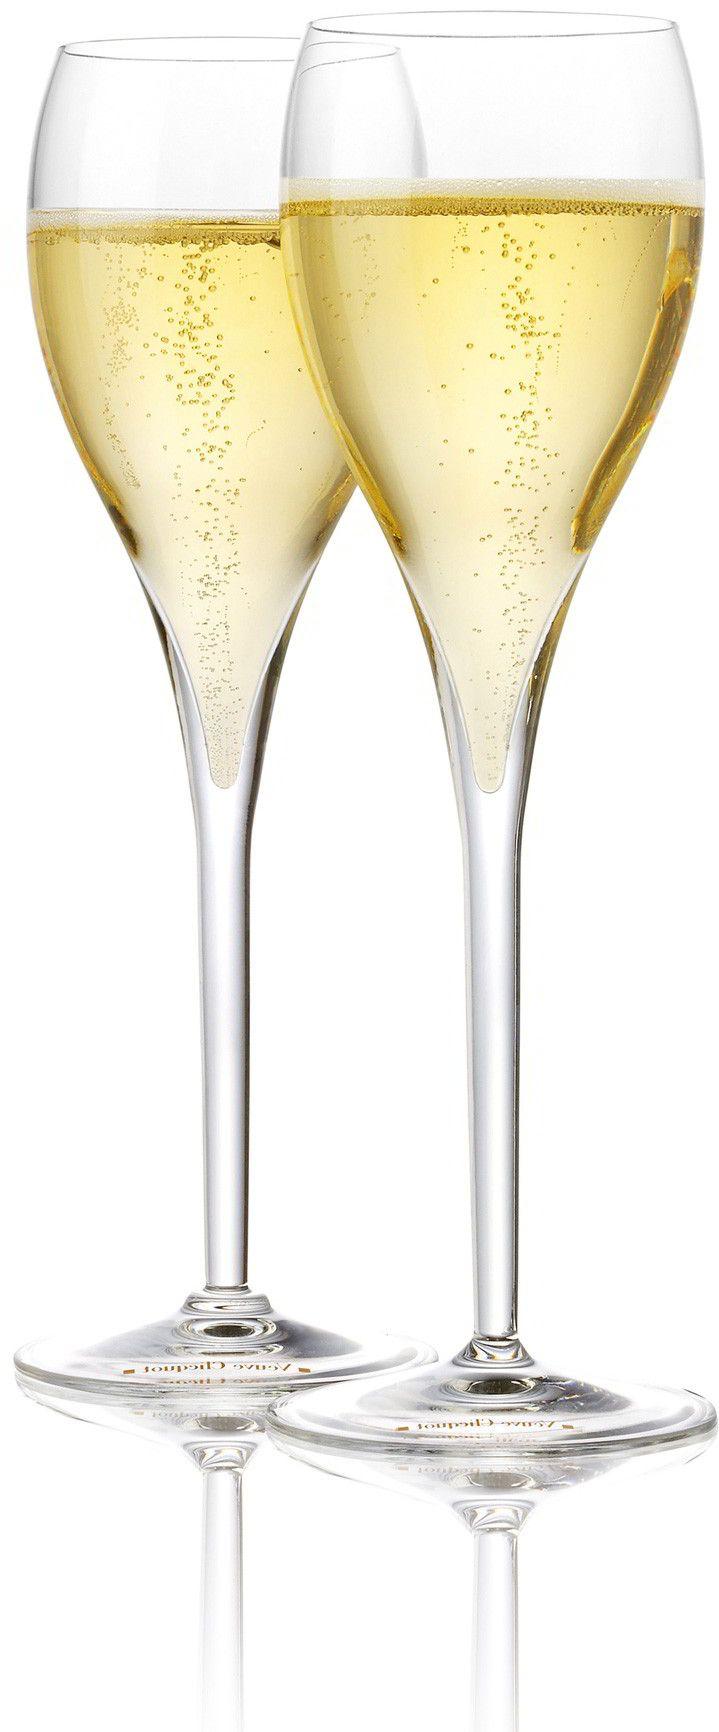 les 252 meilleures images propos de champagne sur pinterest mo t chandon bonne ann e et coup. Black Bedroom Furniture Sets. Home Design Ideas